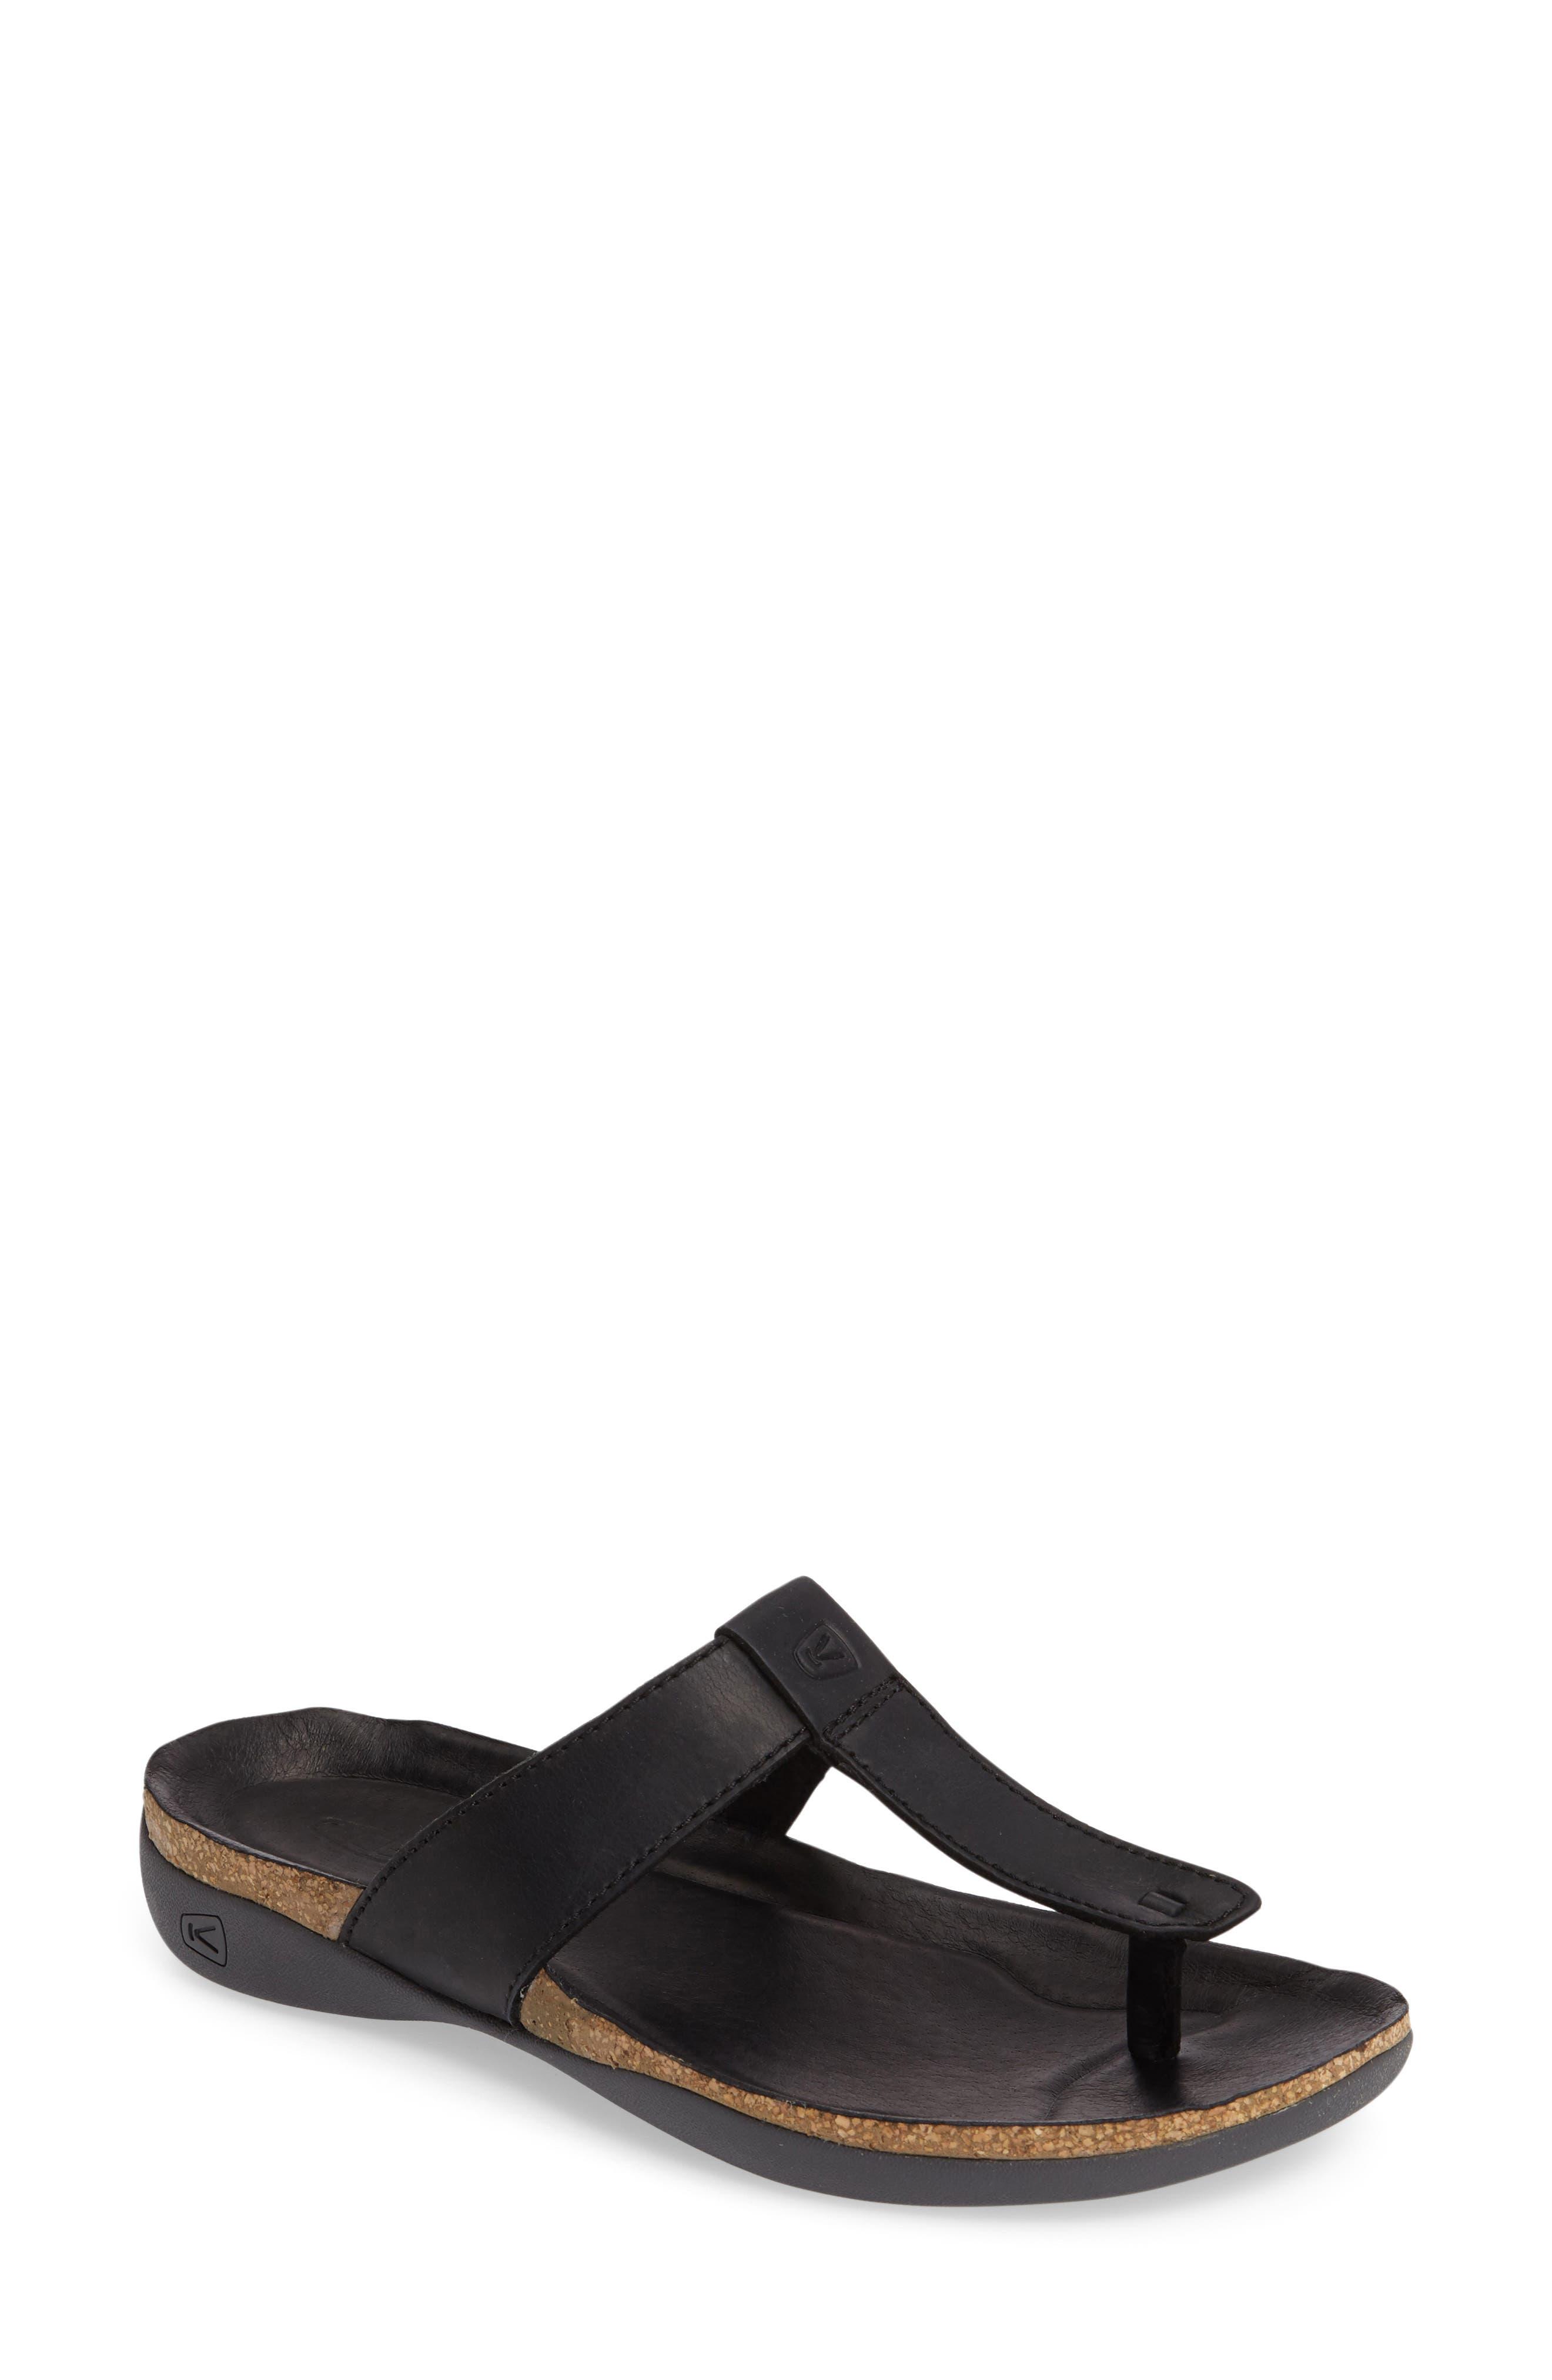 Dauntless Sandal,                         Main,                         color, 001